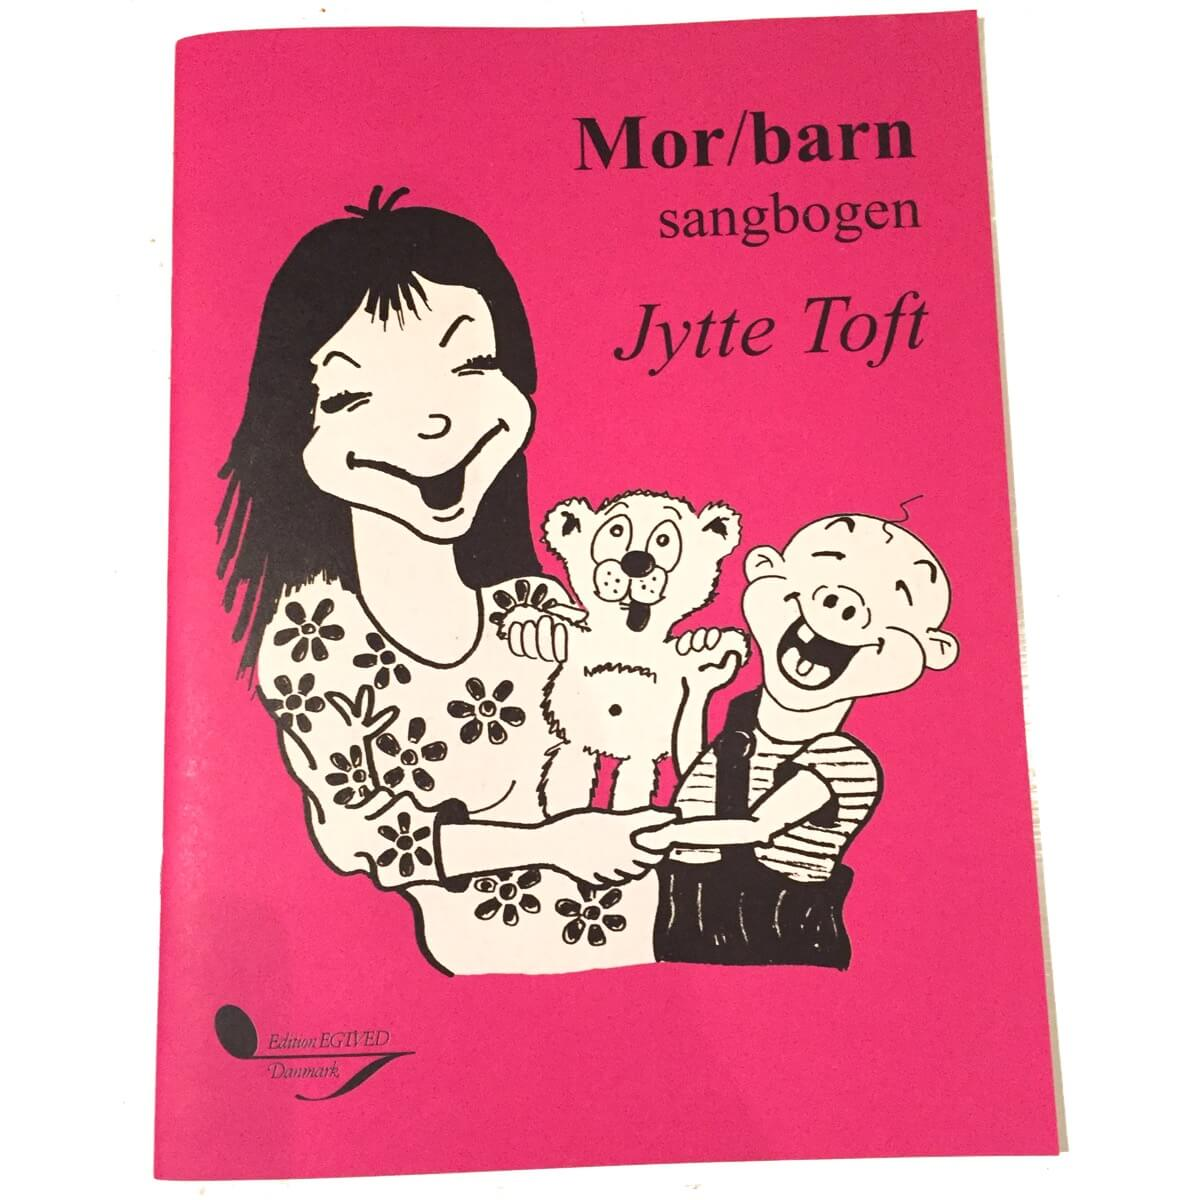 452bf5e8155a Mor barn sangbogen til børn og deres forældre